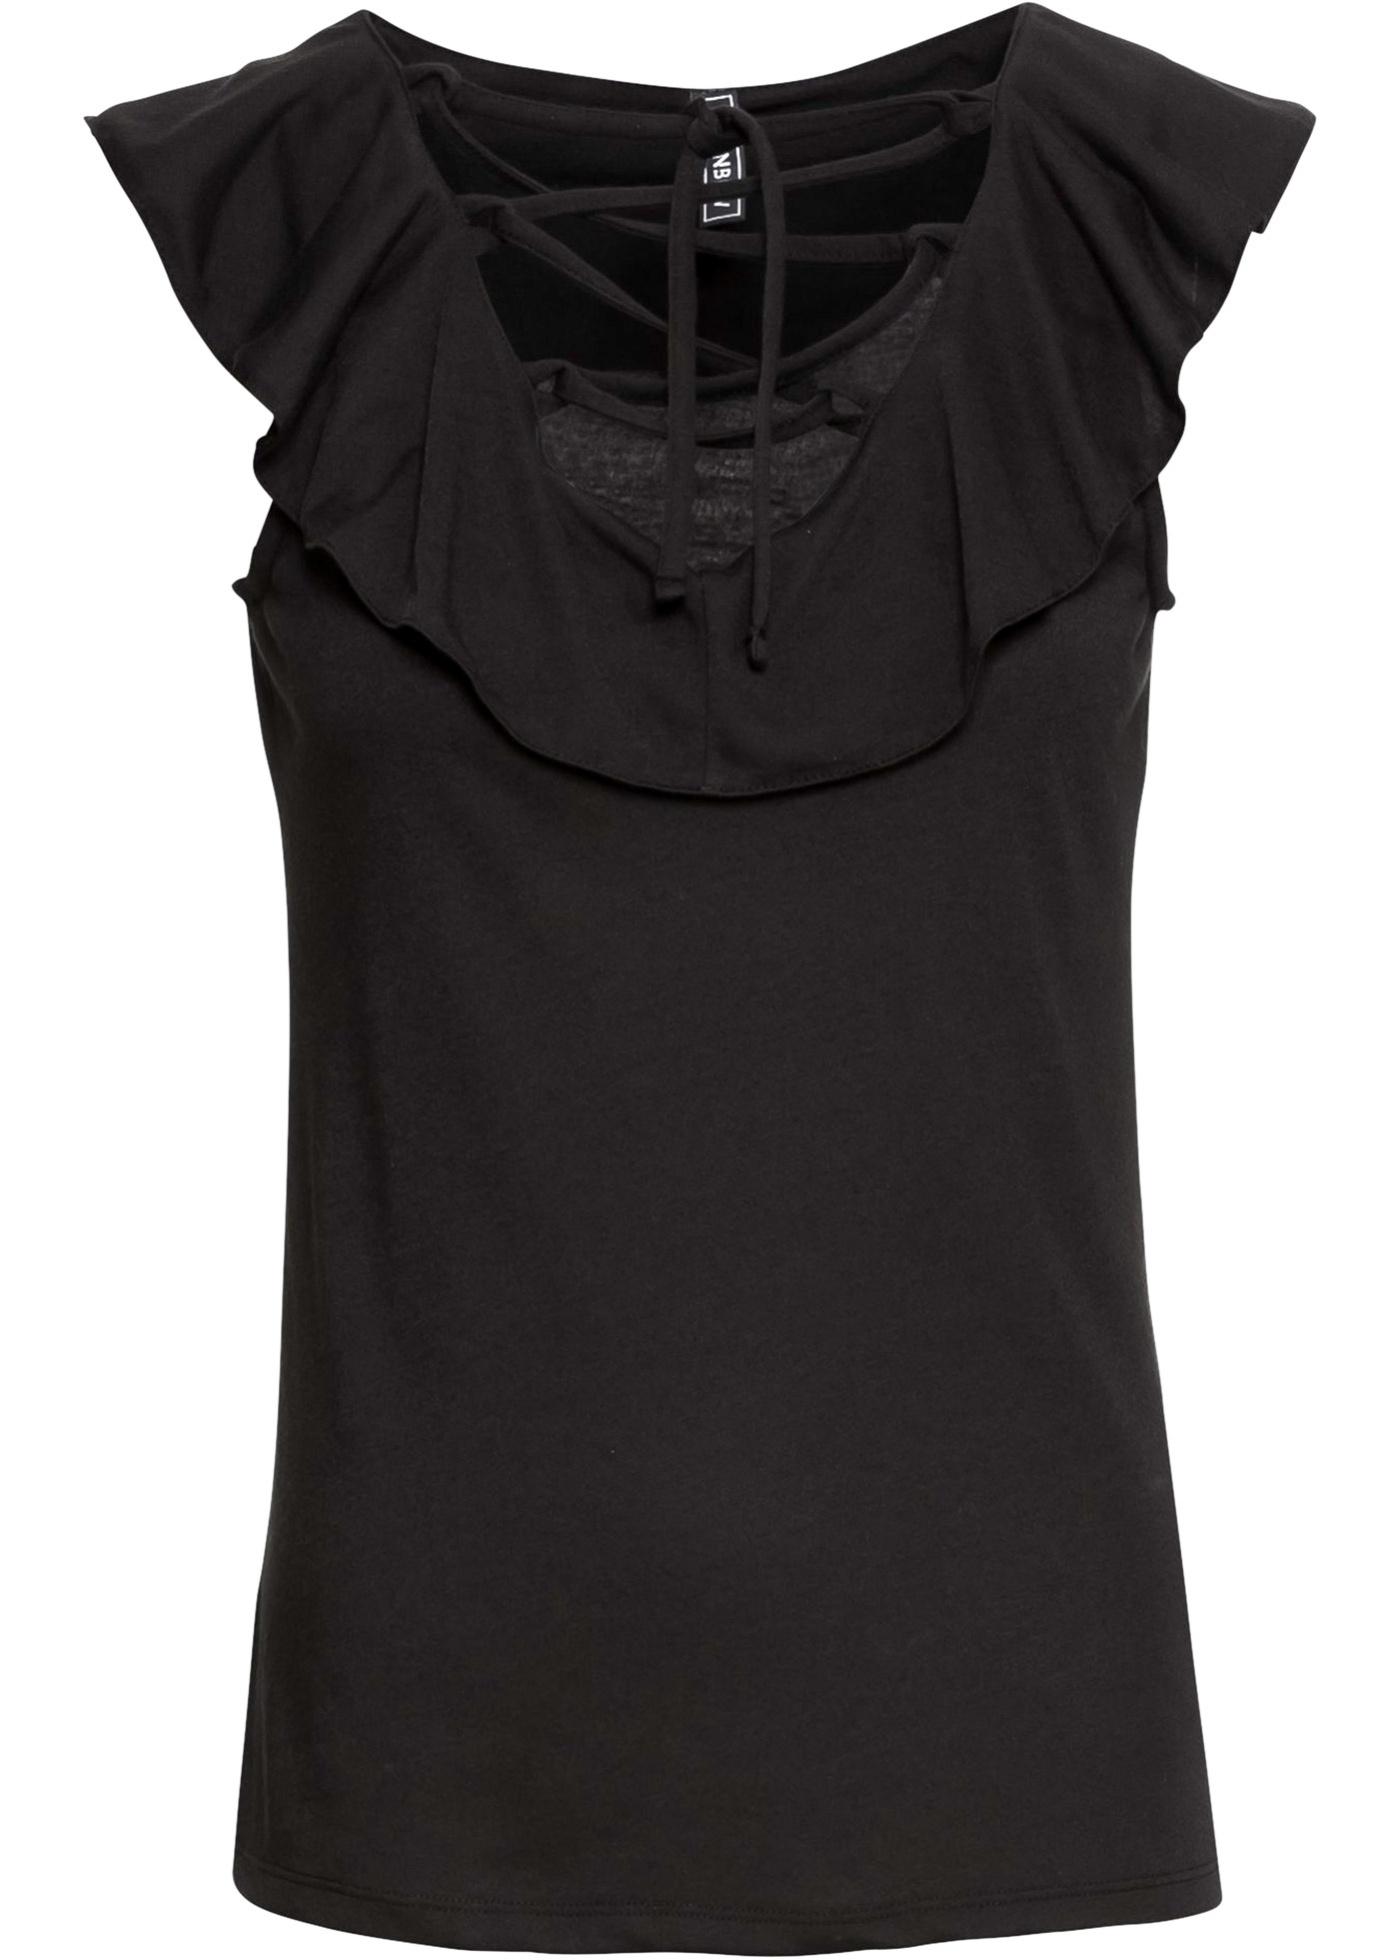 Rainbow Manches shirt Noir Femme BonprixT Pour Sans l1cTFJ3K